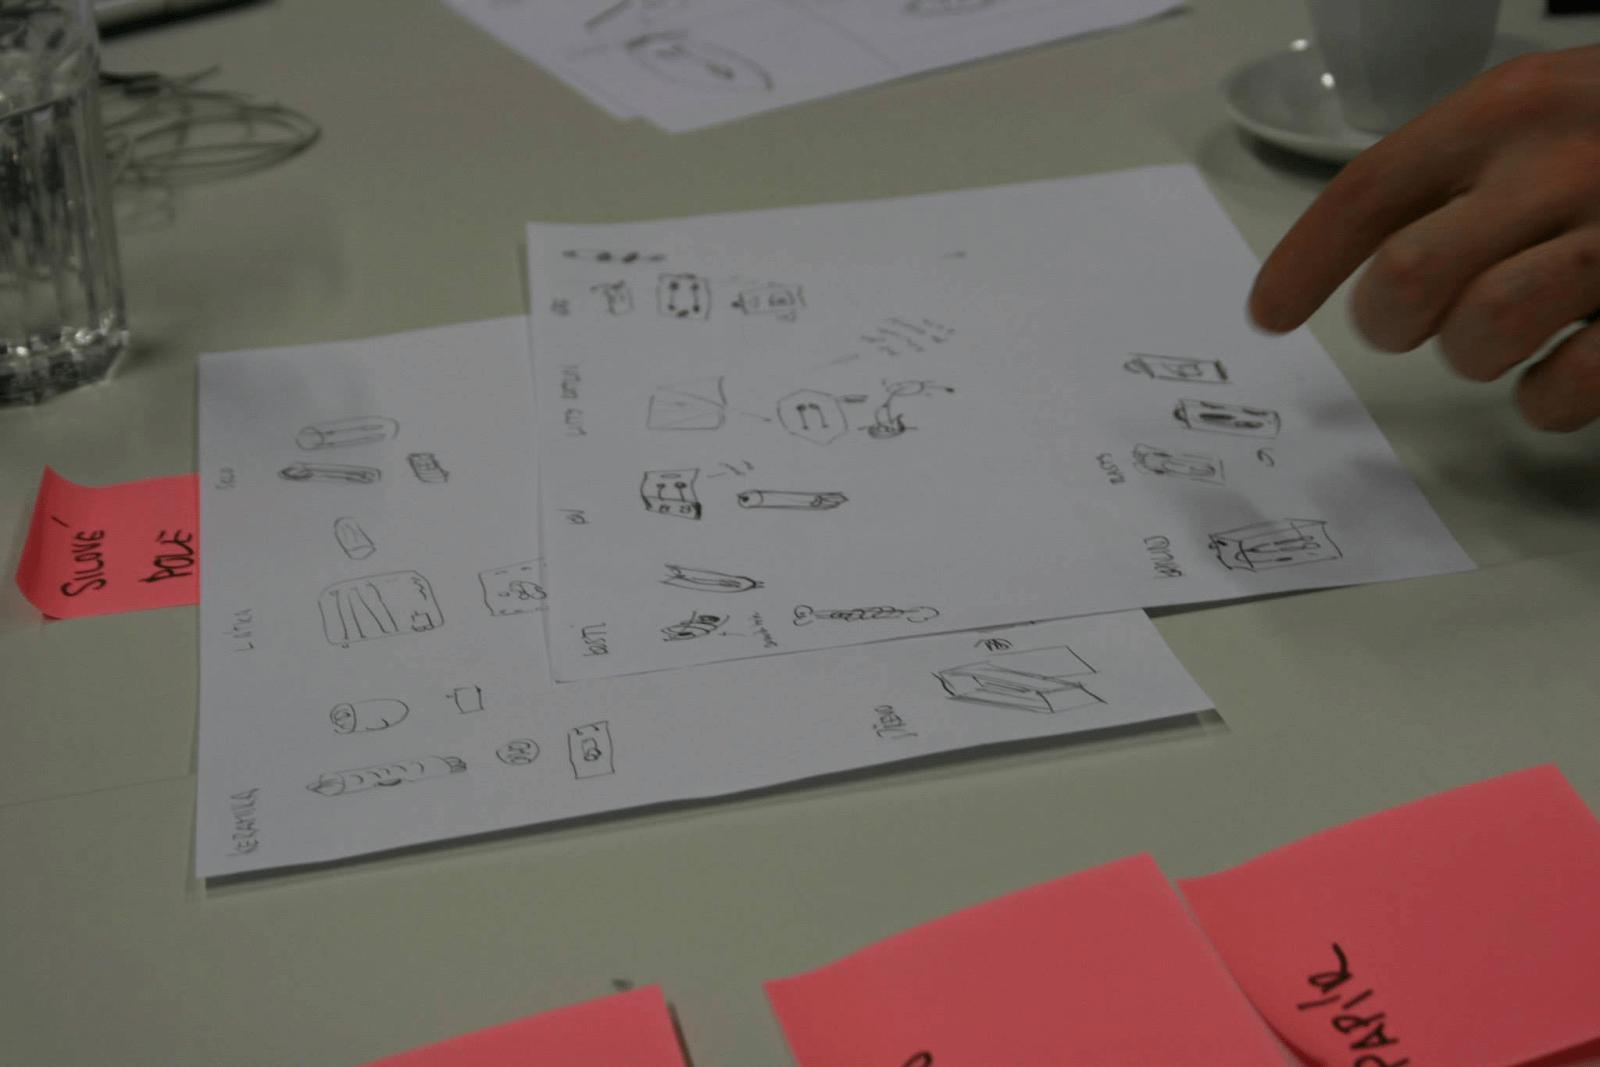 Díky řešení různých problémů musíme využít naší představivost apřicházet srůznými nápady. Na obrázku řešíme obaly na sluchátka zrůzných materiálů.